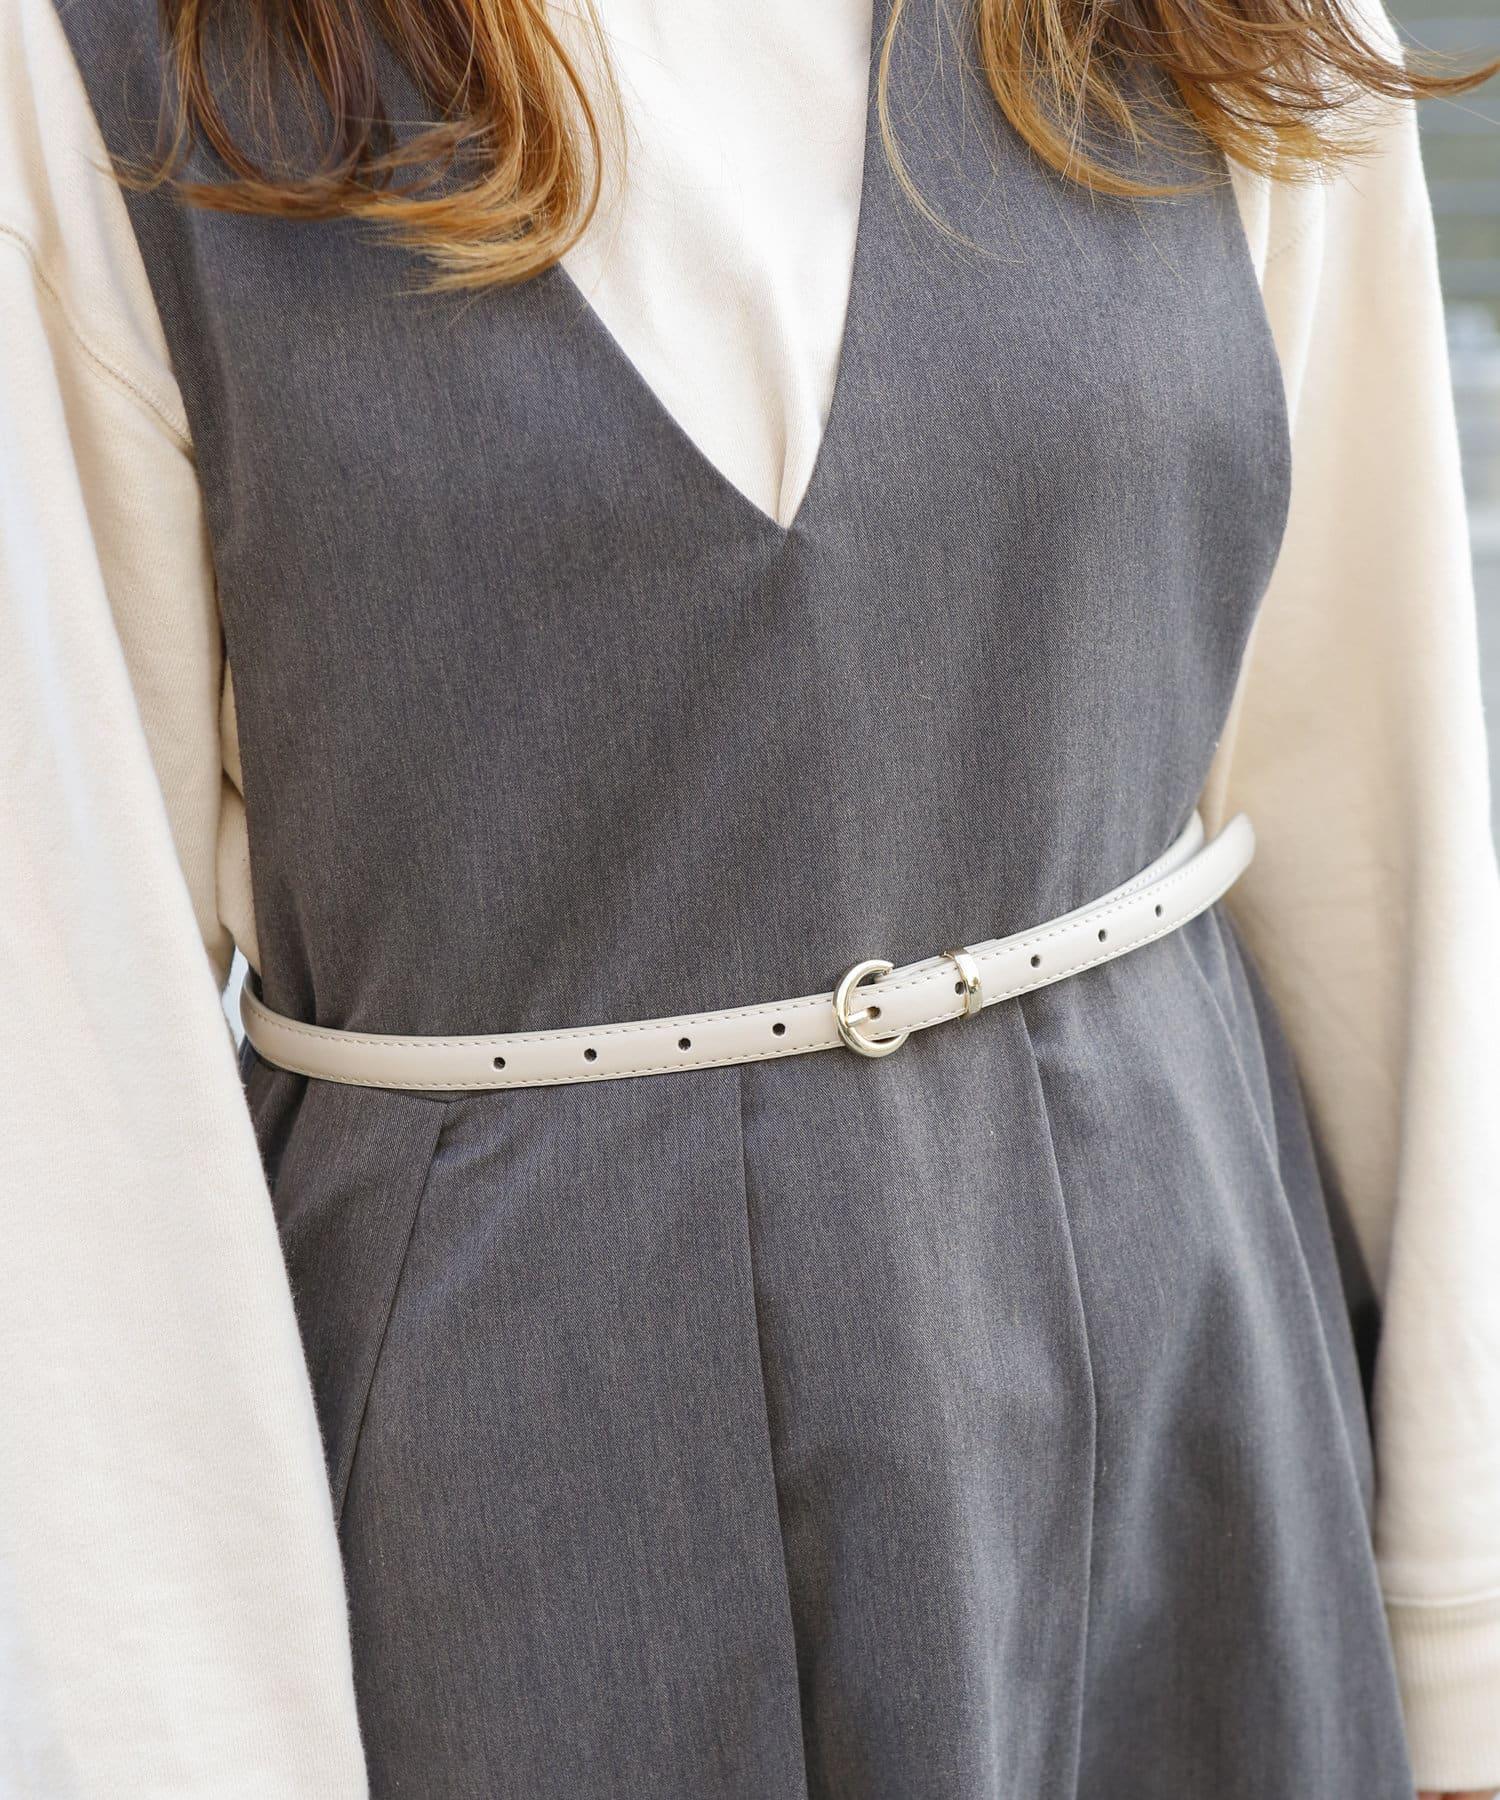 3COINS(スリーコインズ) ライフスタイル 【小物で彩る季節の装い】リングパーツベルト アイボリー